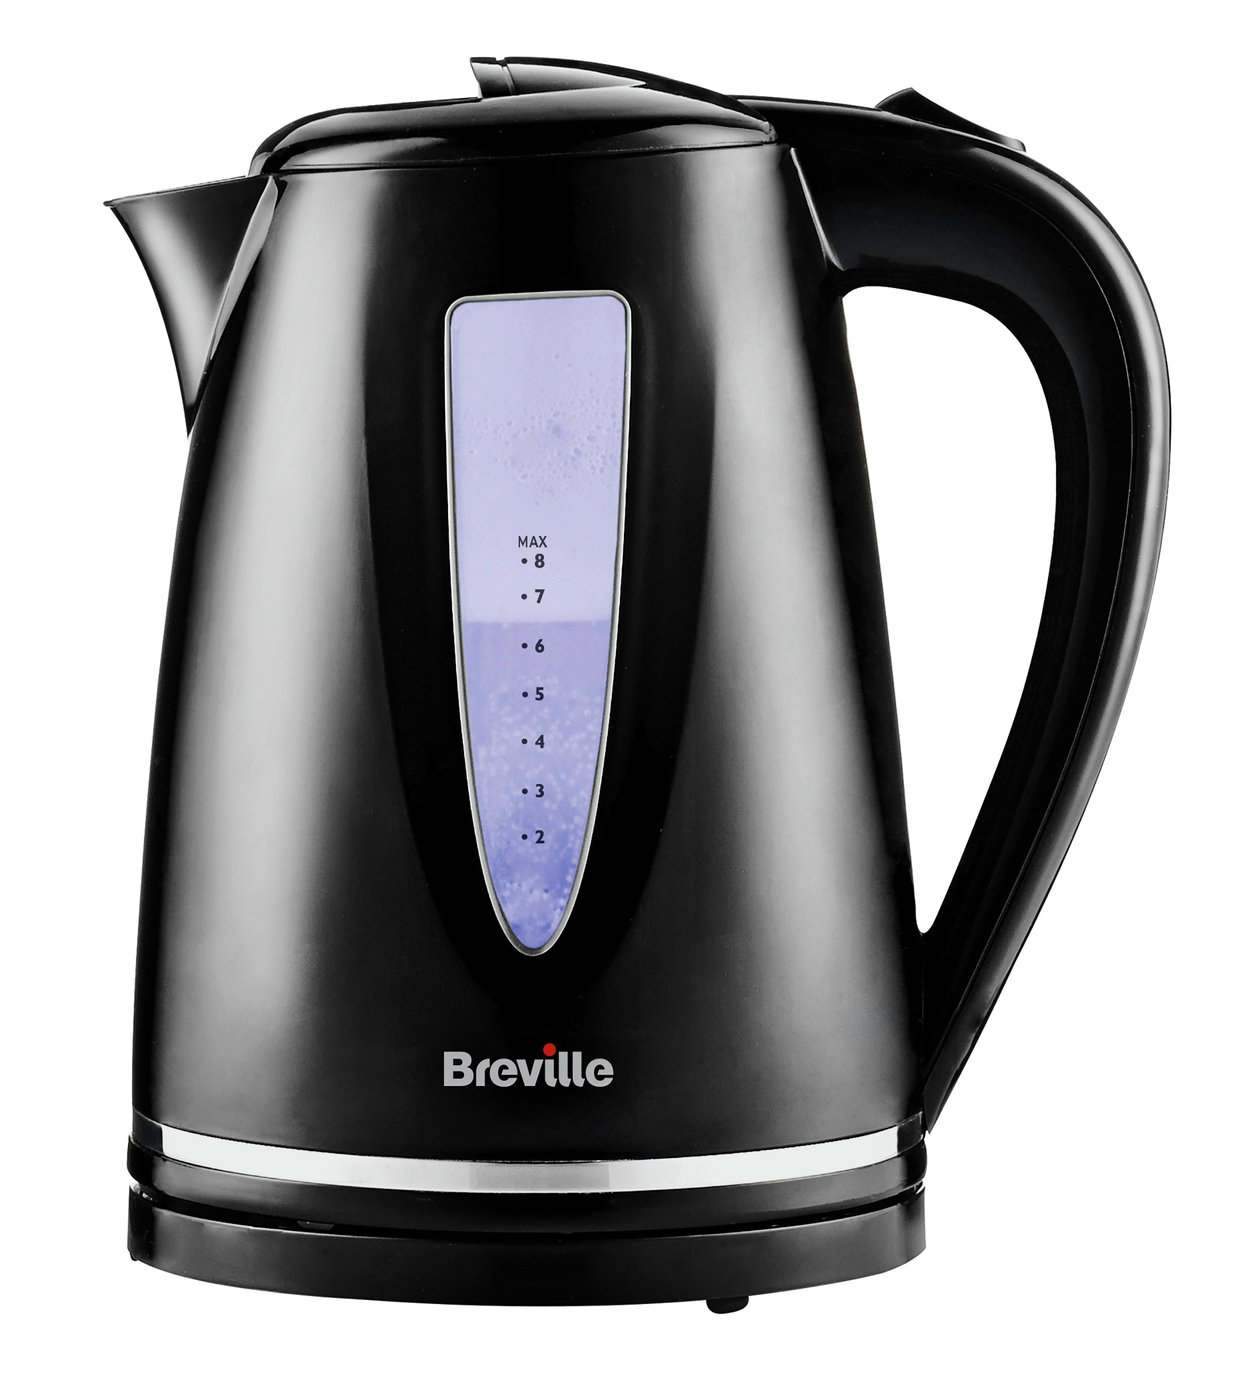 Breville - Kettle - VKJ897 Style Black Jug